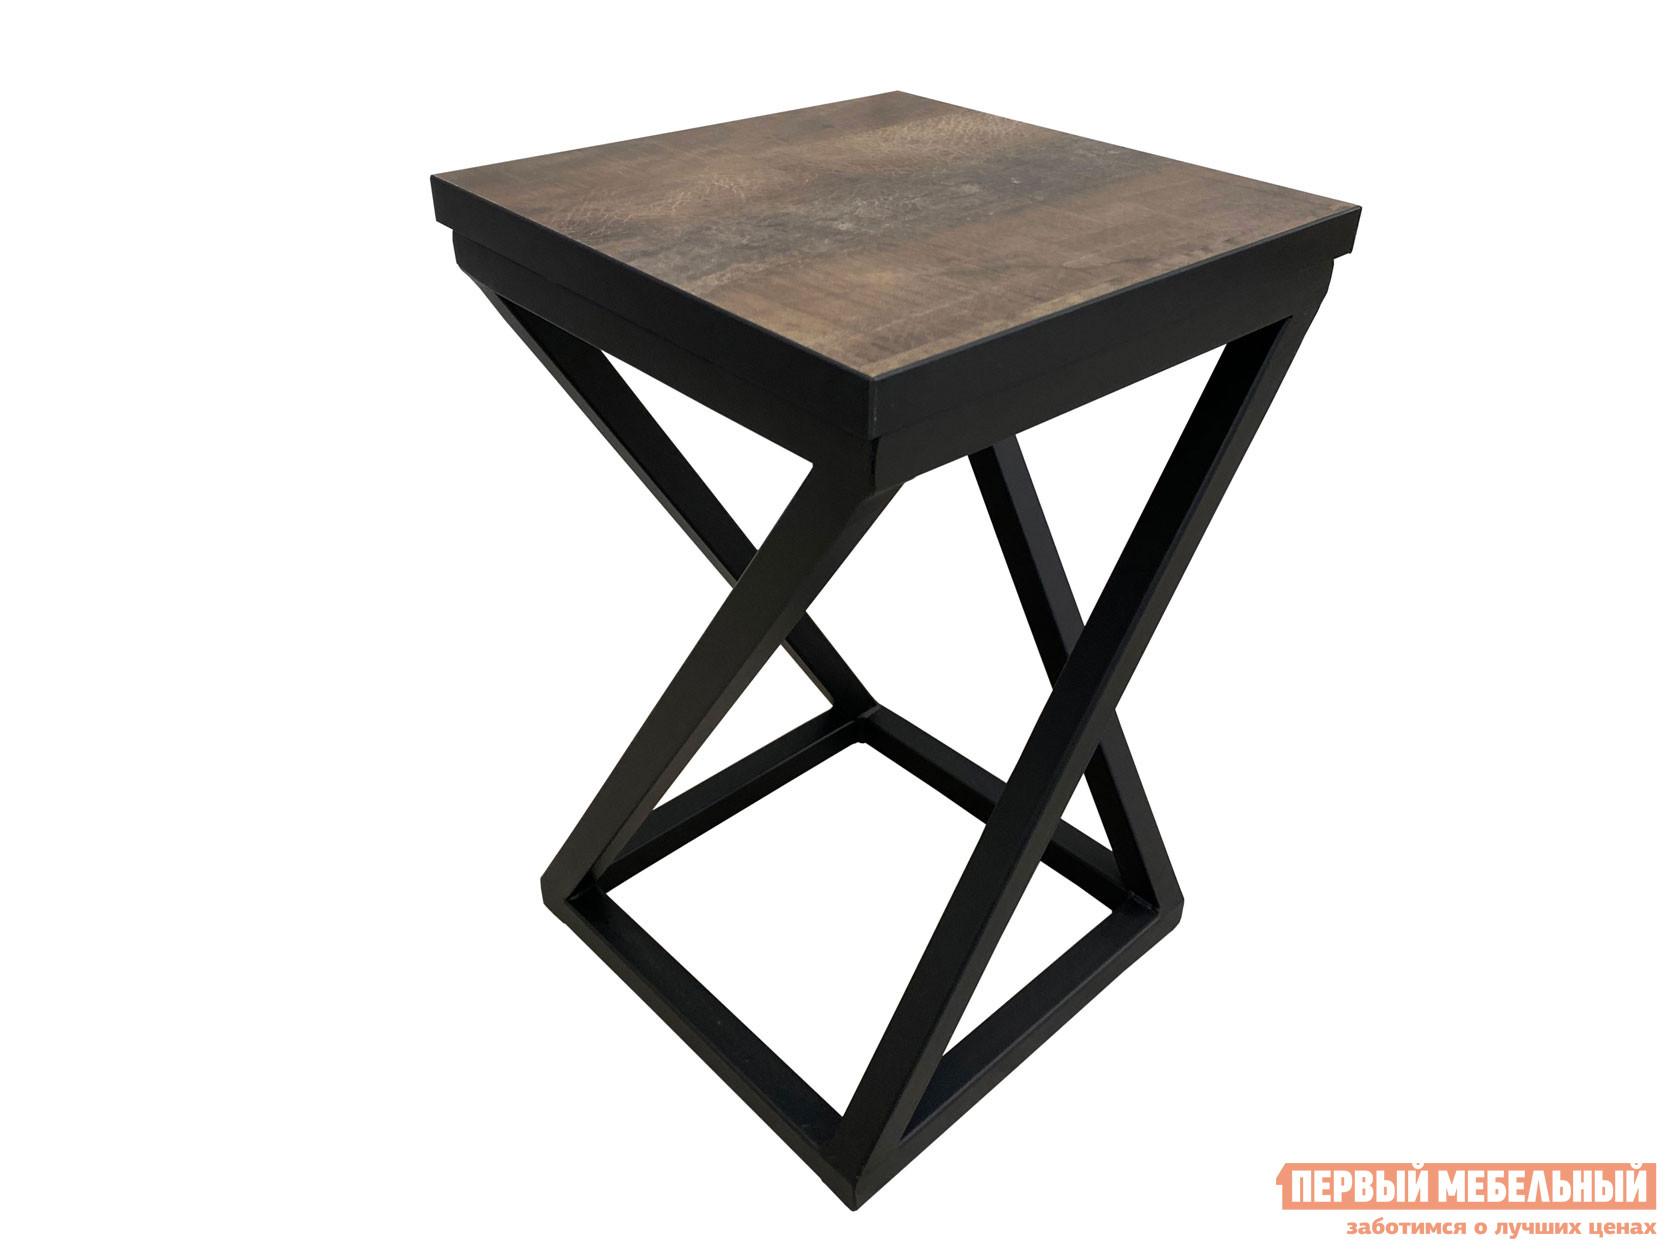 Табурет  Саен 6 Черный, металл / Трансильвания, пластик Мебвилл 119880